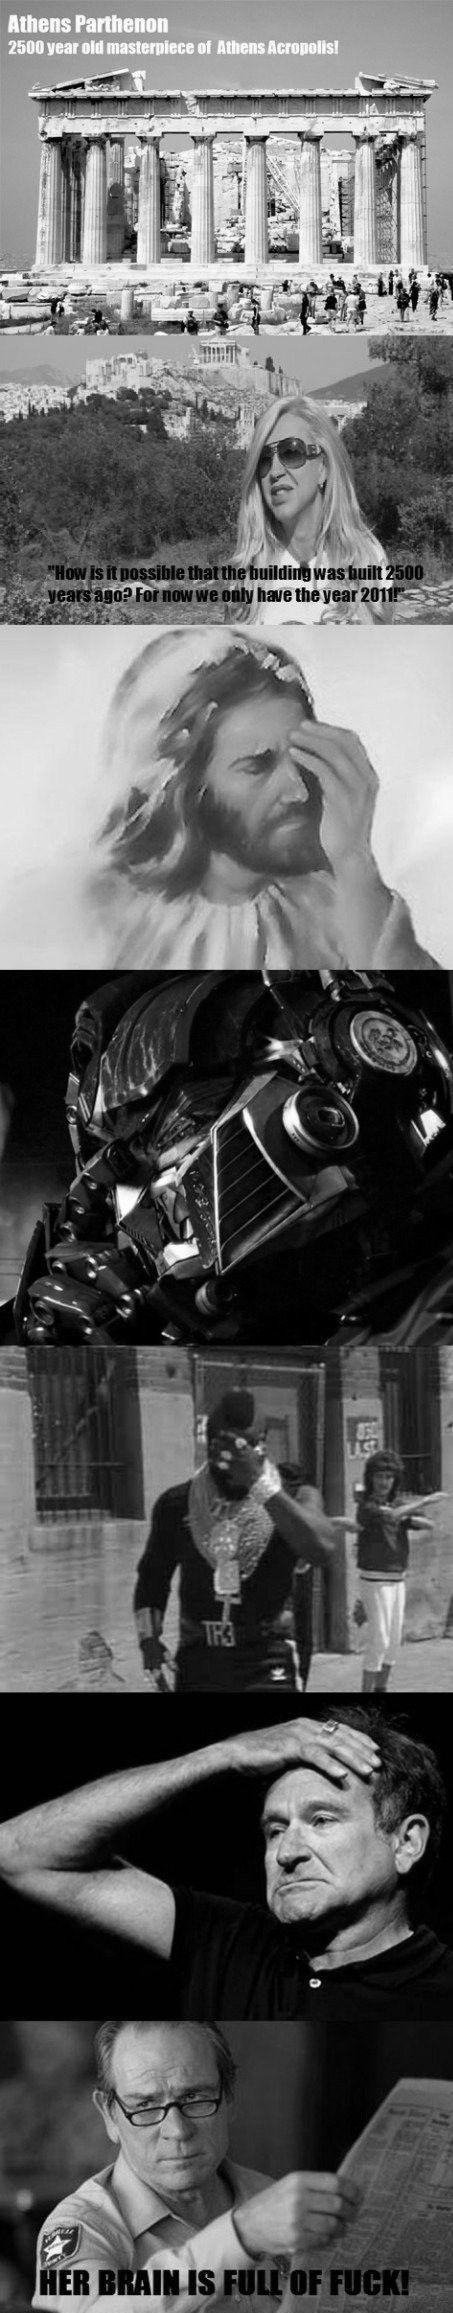 Bildschirmarbeiter - Picdump 03.08.2012